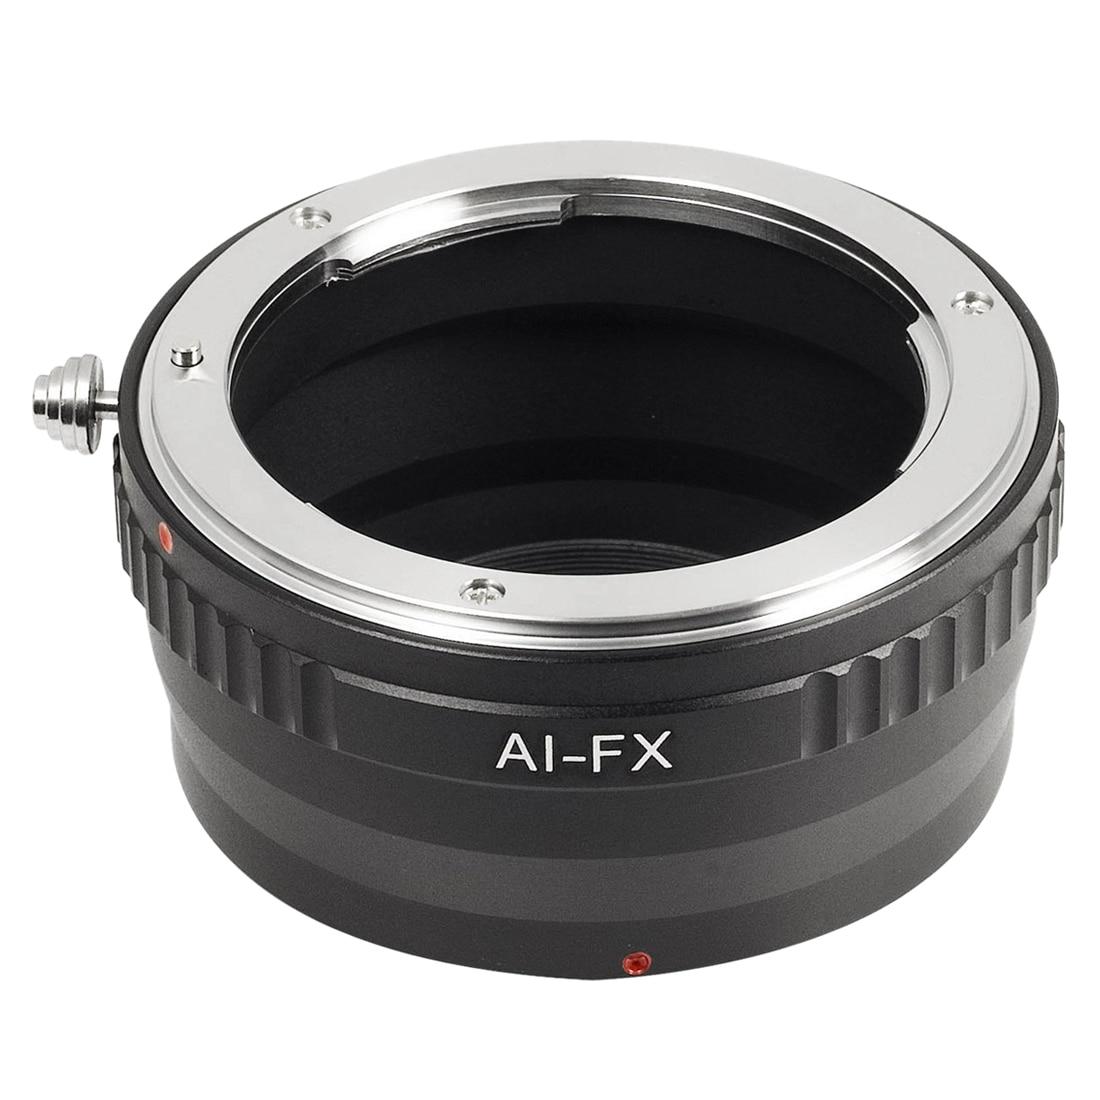 Black Lens Adapter For Nikon F AI Lens to Fujifilm X Mount Camera Fit Fuji X-E1 DC287 nik fx nikon ai lens to fujifilm x pro1 mount adapter black